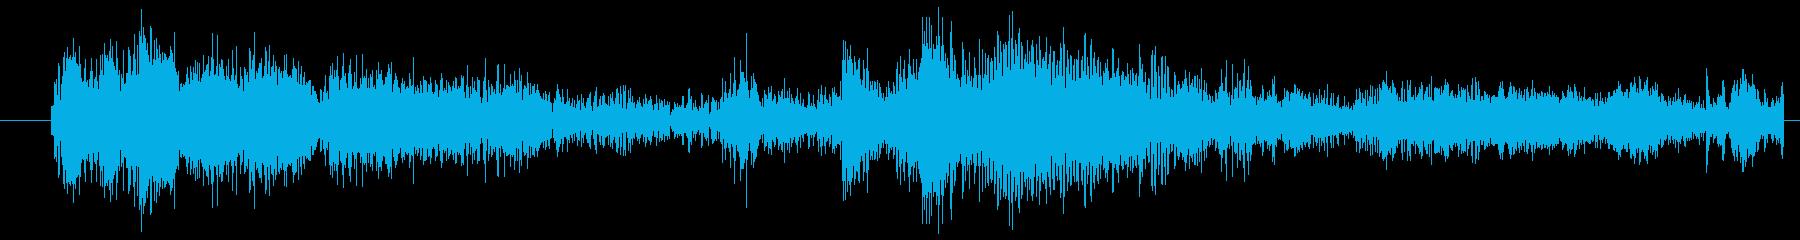 イメージ クレイジートーク03の再生済みの波形